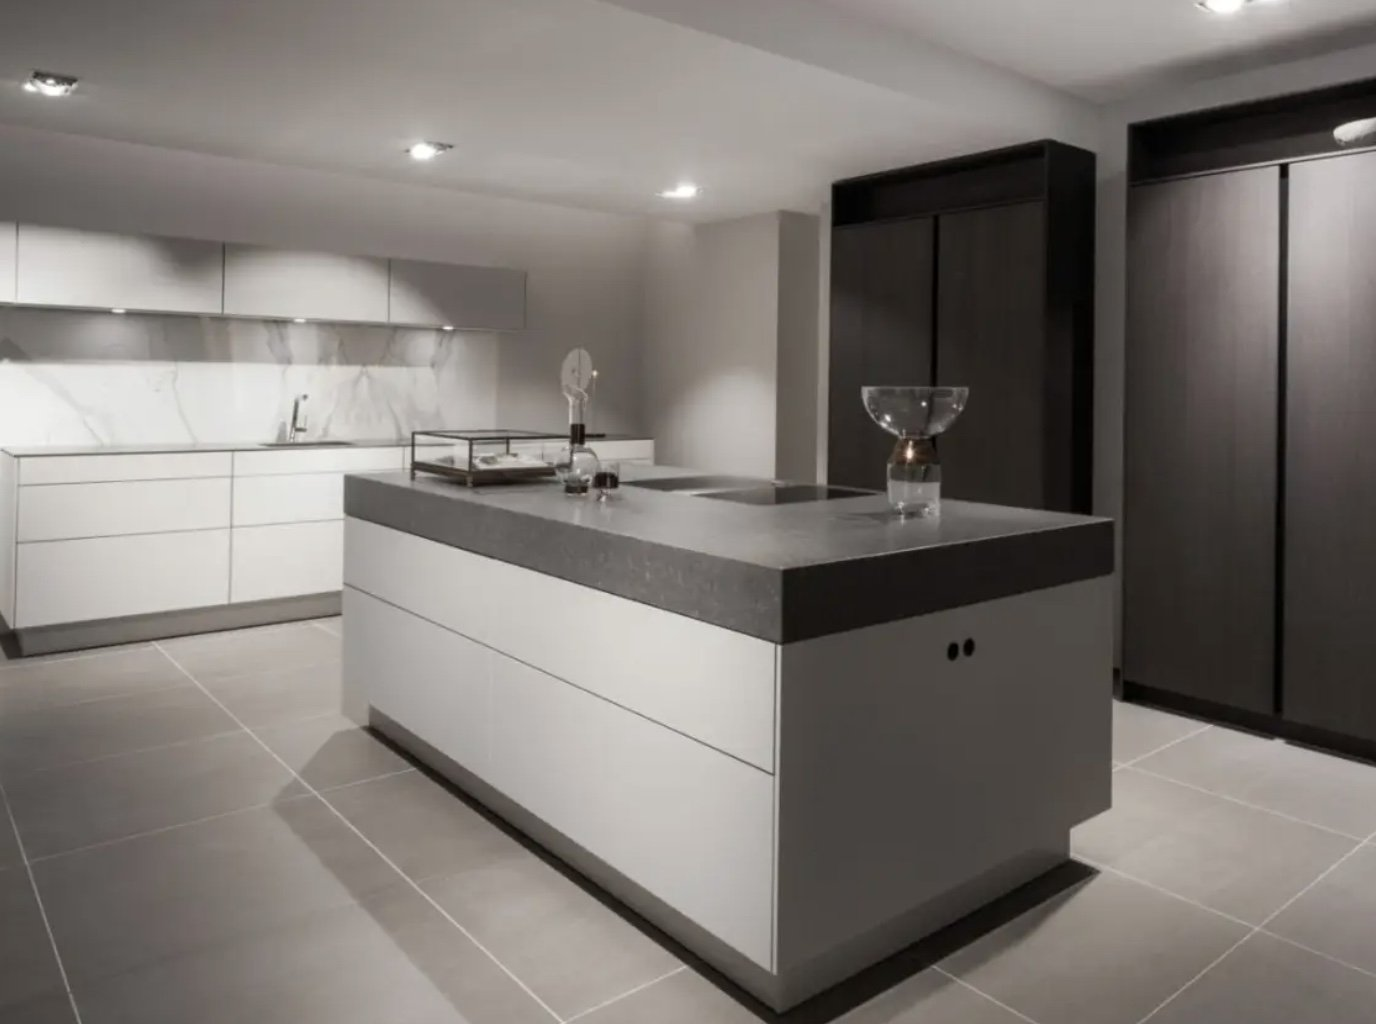 minimalistisch-keuken-eiland-modern-strak